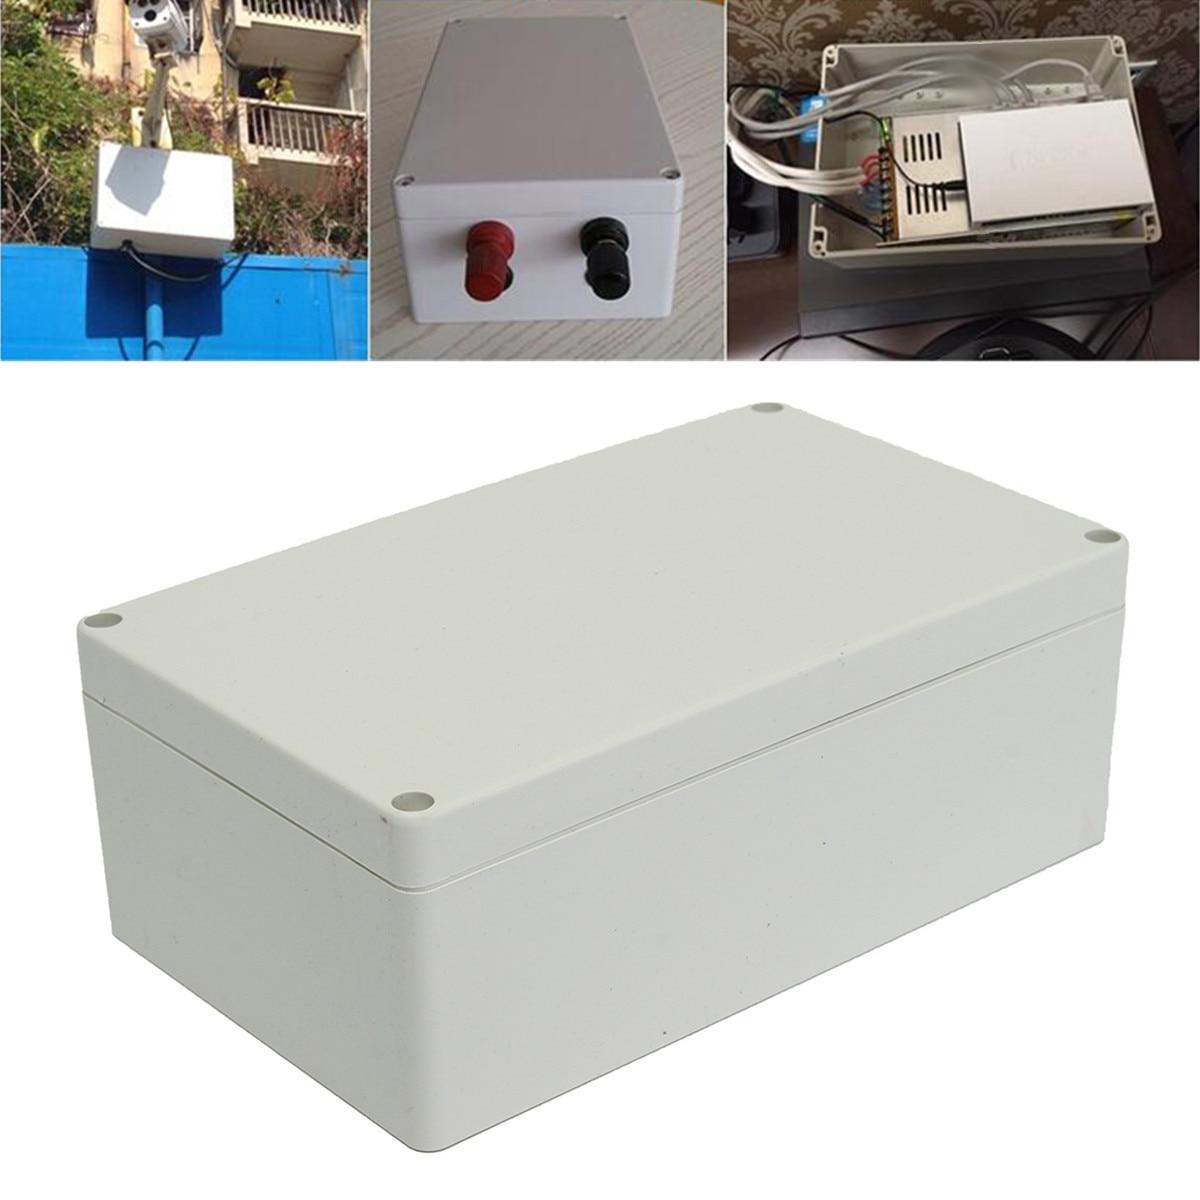 19.8x12x7.5 cm À Prova D' Água Caixa De Plástico Projeto ABS Durável Fácil de Instalar Damp proof Apto para Vários controle de Caixas e Armários|Conectores| |  - title=